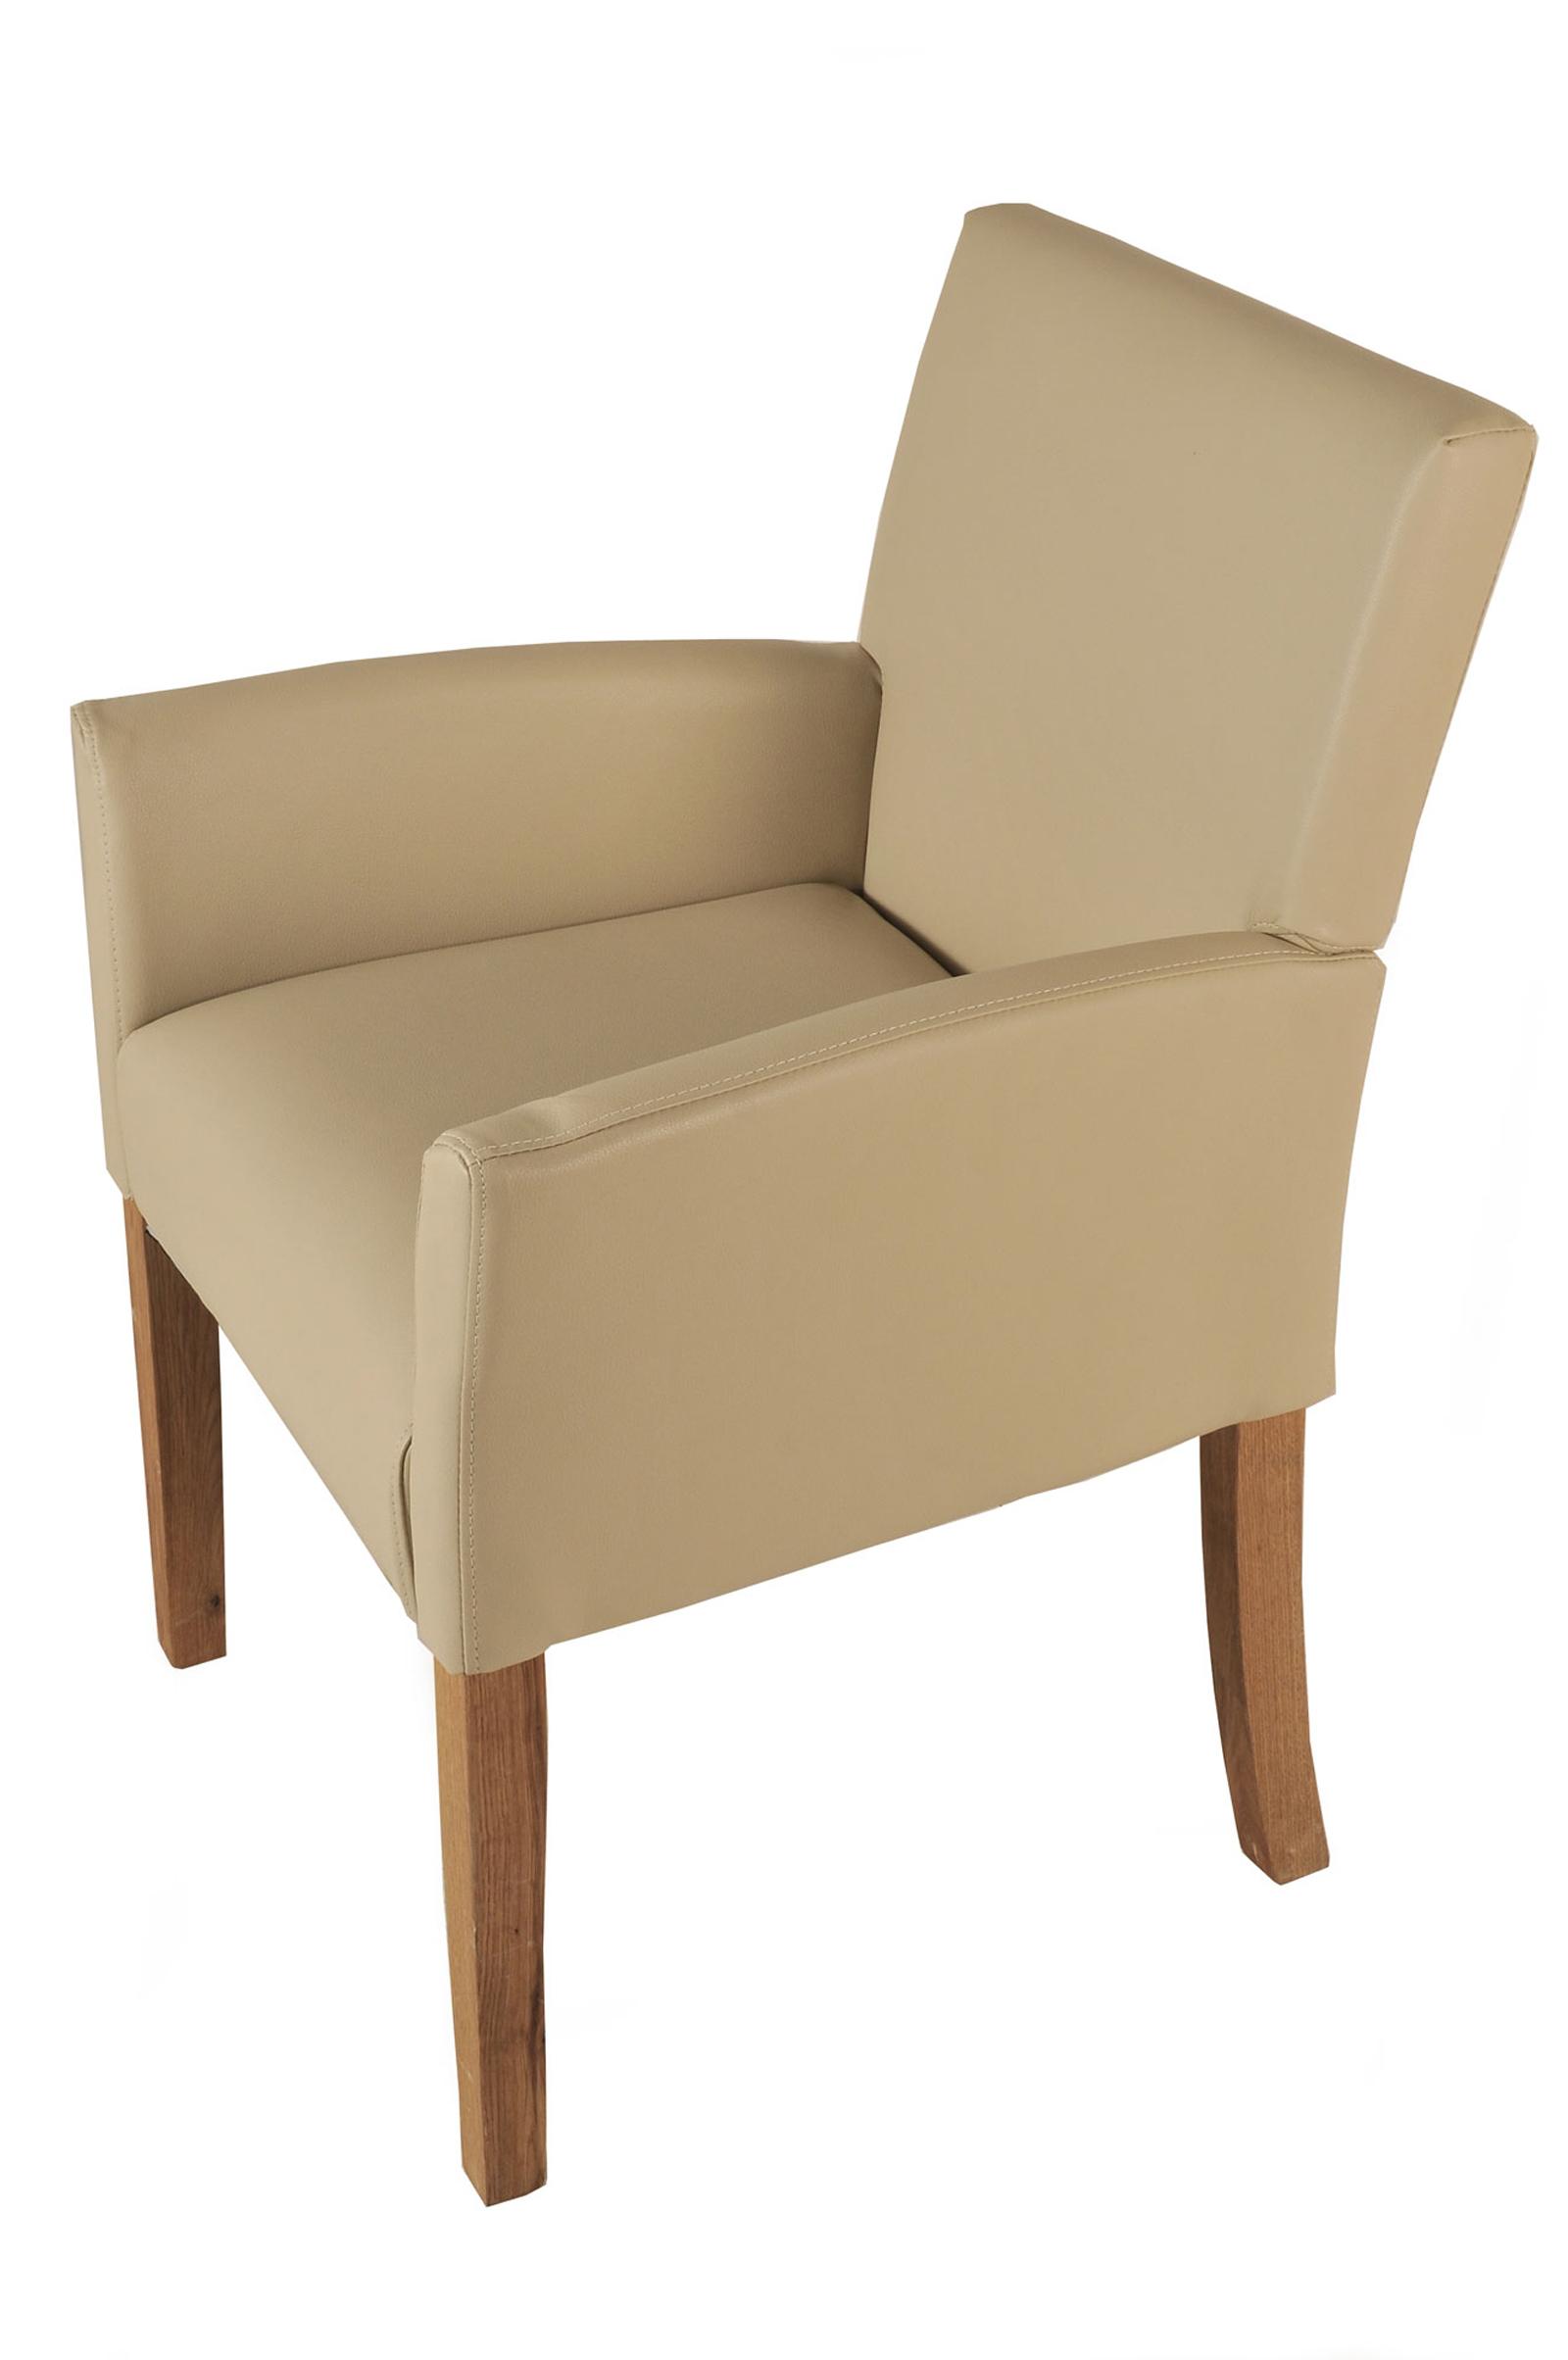 sam esszimmerstuhl armlehnstuhl creme recyceltes leder. Black Bedroom Furniture Sets. Home Design Ideas